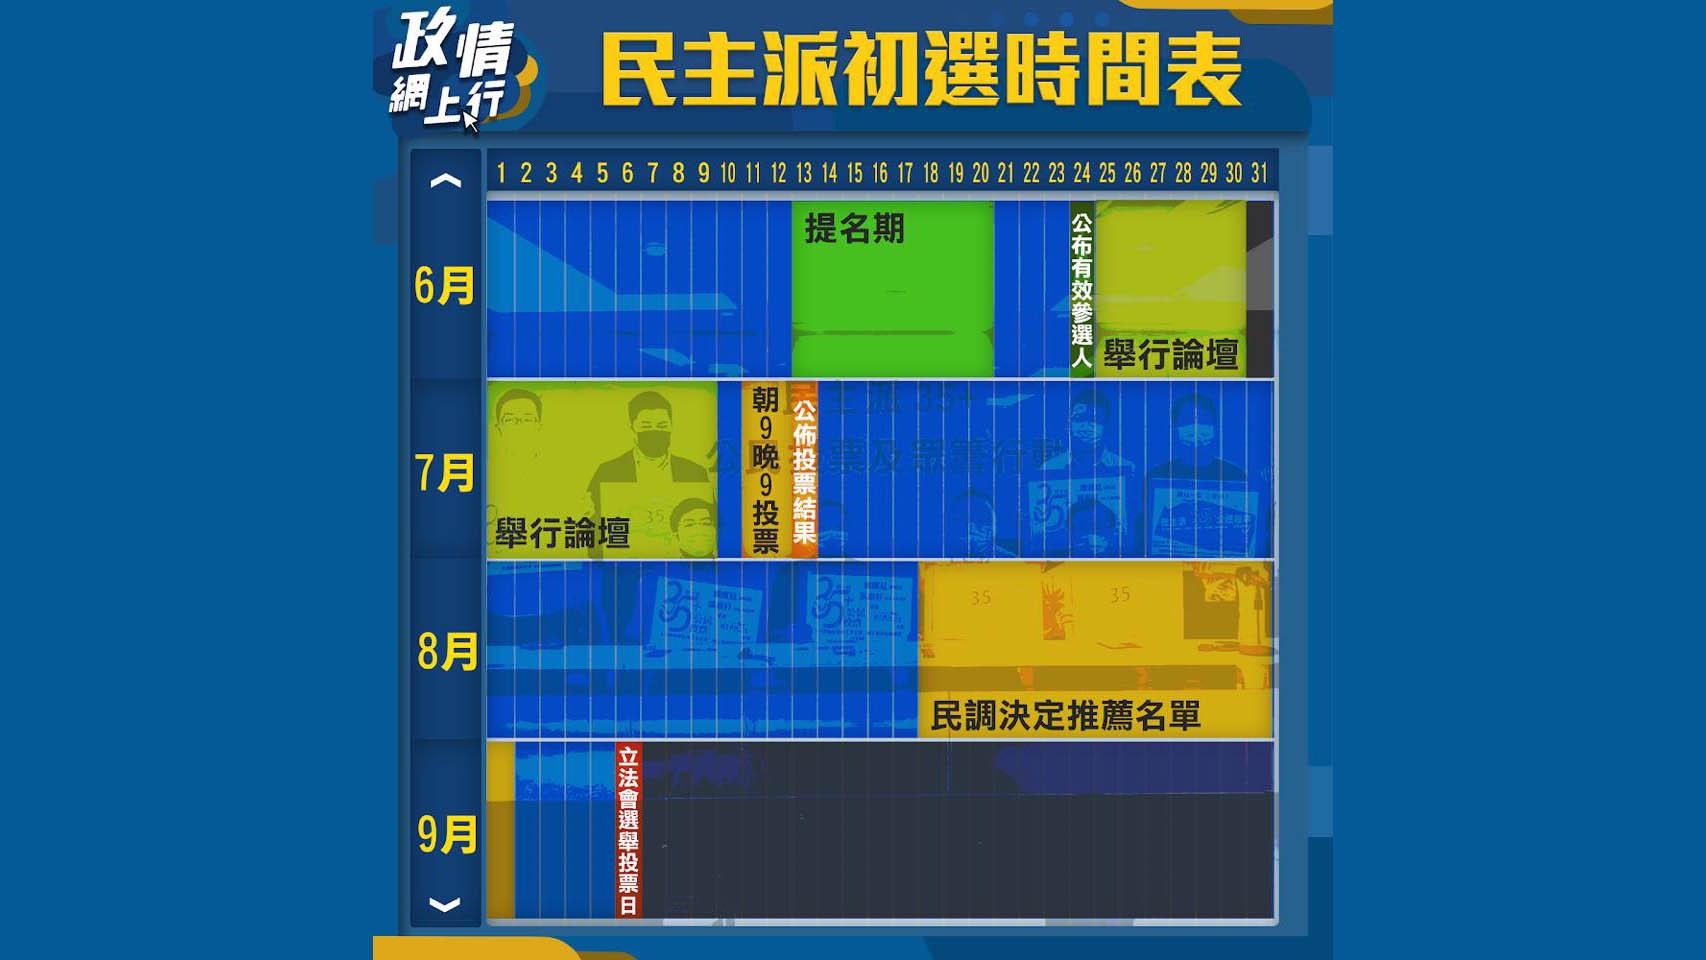 【政情網上行】民主派初選時間表